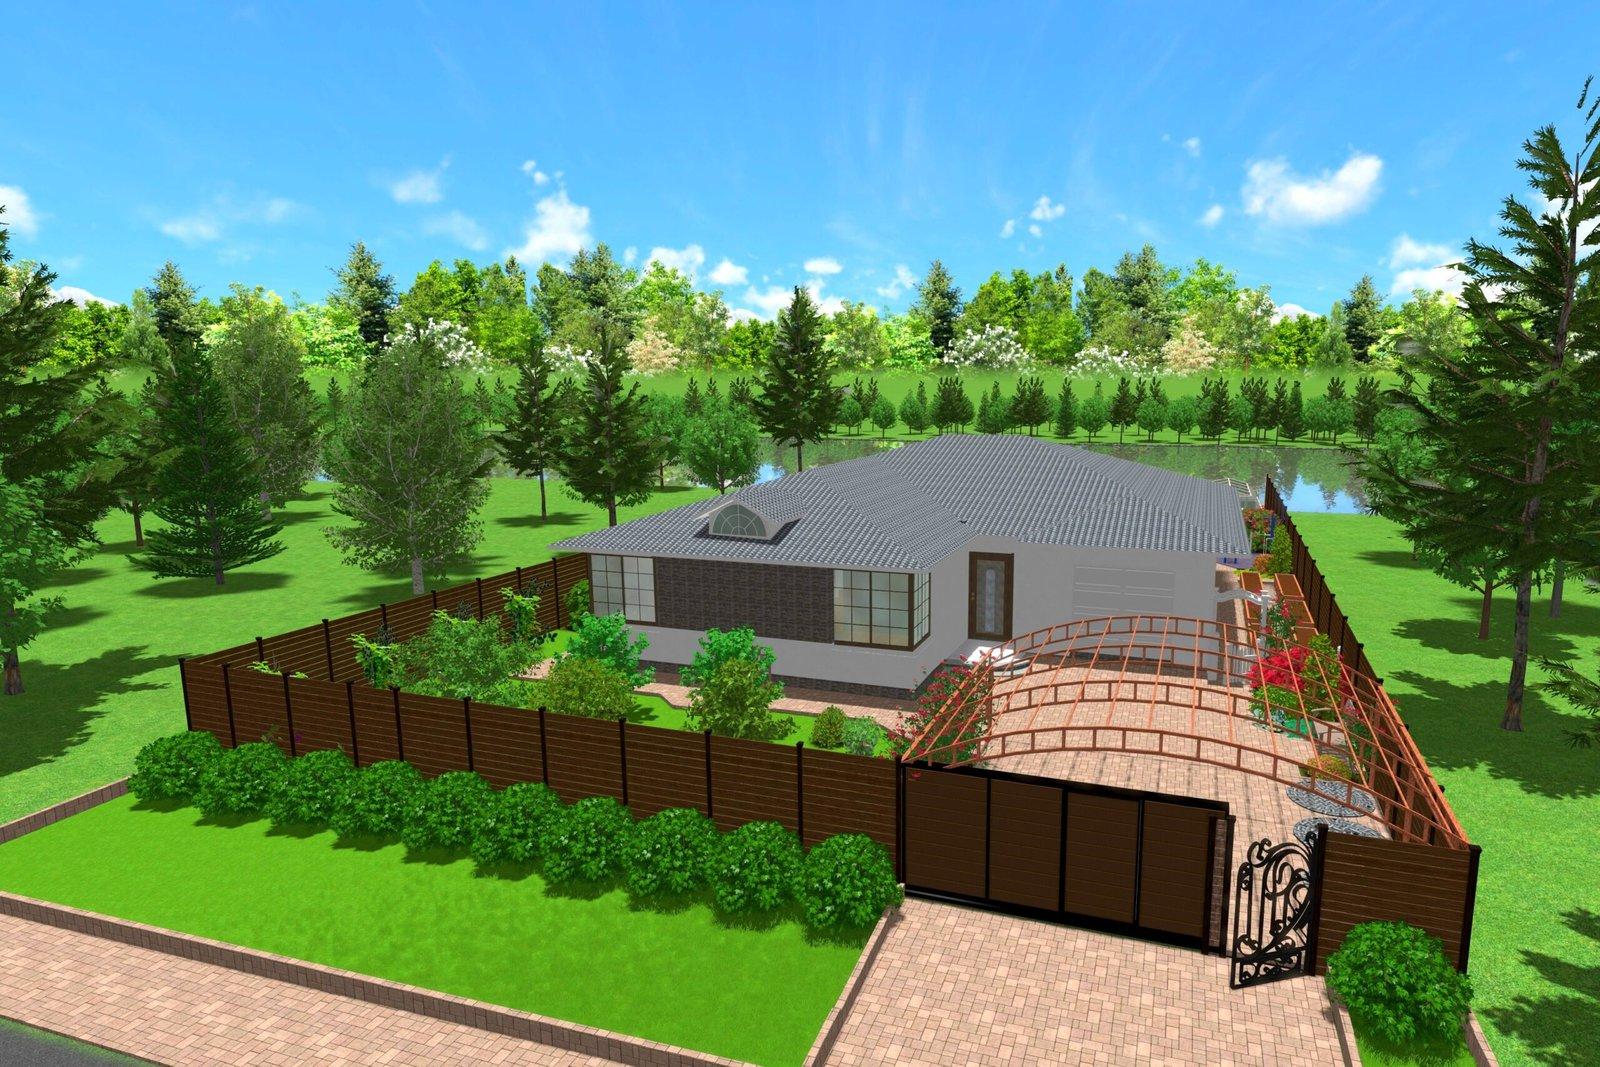 Дизайн придомовой территории, искусство создания комфортного ландшафтного дизайна, Озеленение участка,